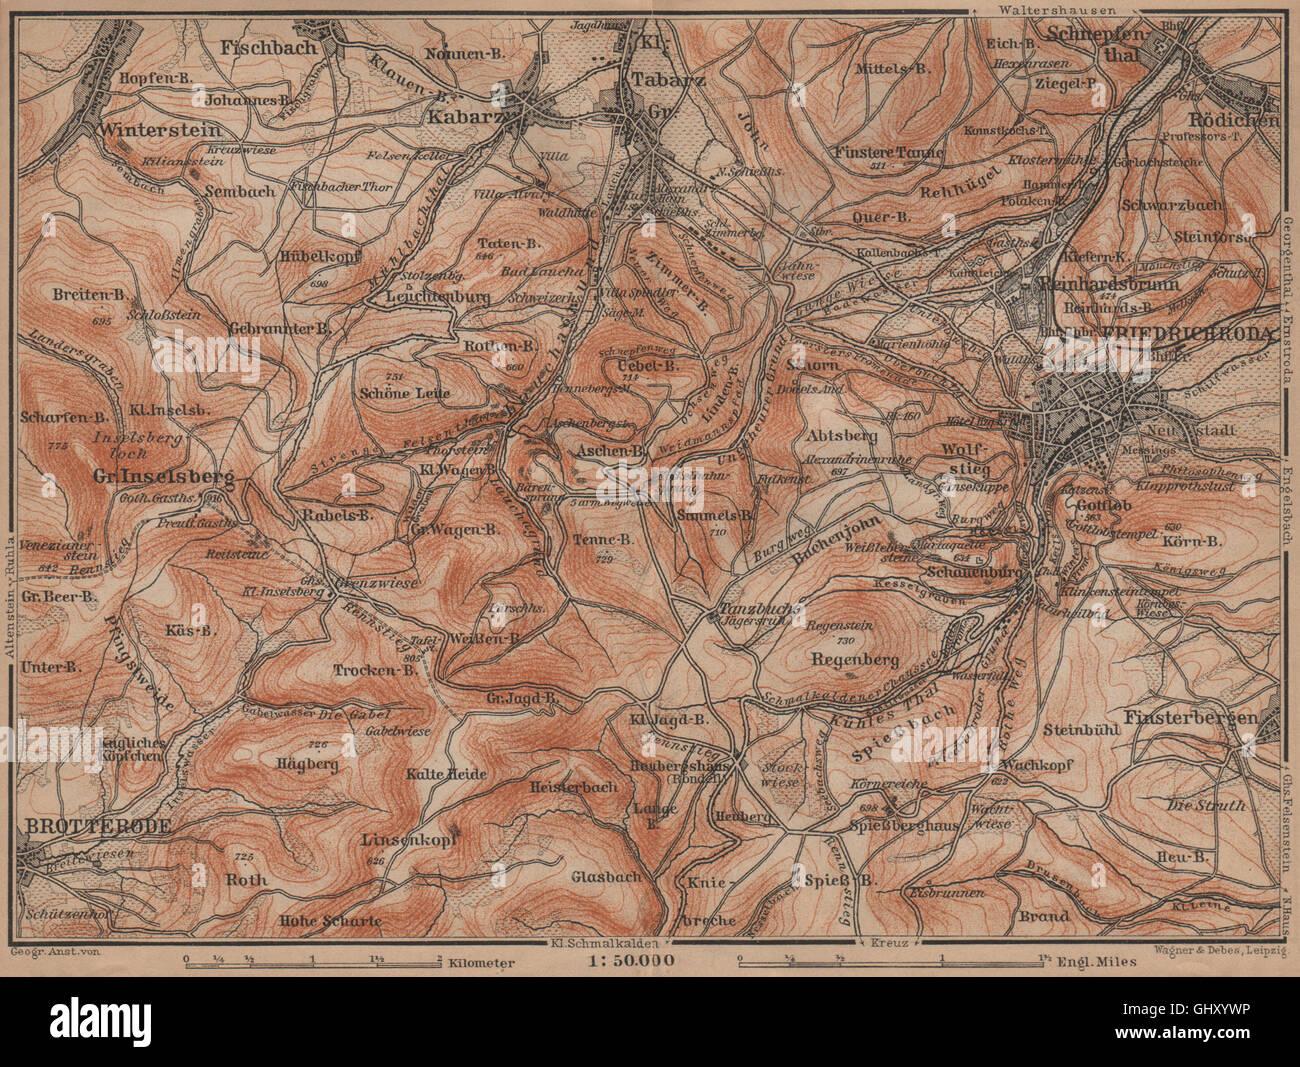 Thüringer Wald Karte.Friedrichroda Thüringer Wald Großer Inselsberg Brotterode